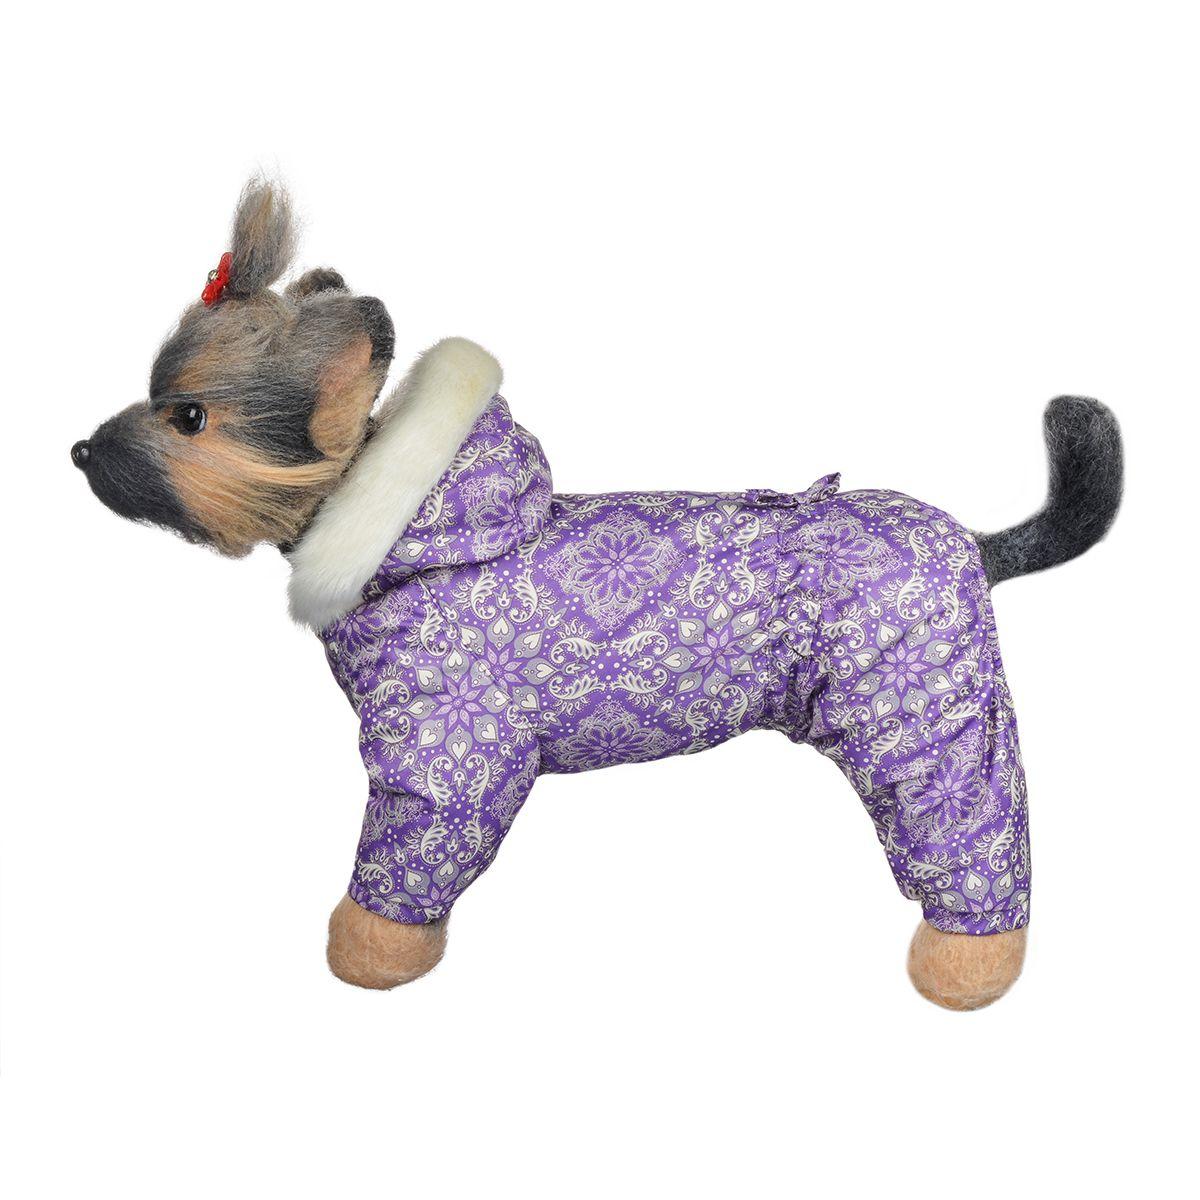 Комбинезон для собак Dogmoda Winter, зимний, для девочки, цвет: фиолетовый, белый, серый. Размер 2 (M)DM-150335-2Зимний комбинезон для собак Dogmoda Winter отлично подойдет для прогулок в зимнее время года. Комбинезон изготовлен из полиэстера, защищающего от ветра и снега, с утеплителем из синтепона, который сохранит тепло даже в сильные морозы, а на подкладке используется искусственный мех, который обеспечивает отличный воздухообмен. Комбинезон с капюшоном застегивается на кнопки, благодаря чему его легко надевать и снимать. Капюшон украшен искусственным мехом и не отстегивается. Низ рукавов и брючин оснащен внутренними резинками, которые мягко обхватывают лапки, не позволяя просачиваться холодному воздуху. На пояснице комбинезон затягивается на шнурок-кулиску.Благодаря такому комбинезону простуда не грозит вашему питомцу.Одежда для собак: нужна ли она и как её выбрать. Статья OZON Гид